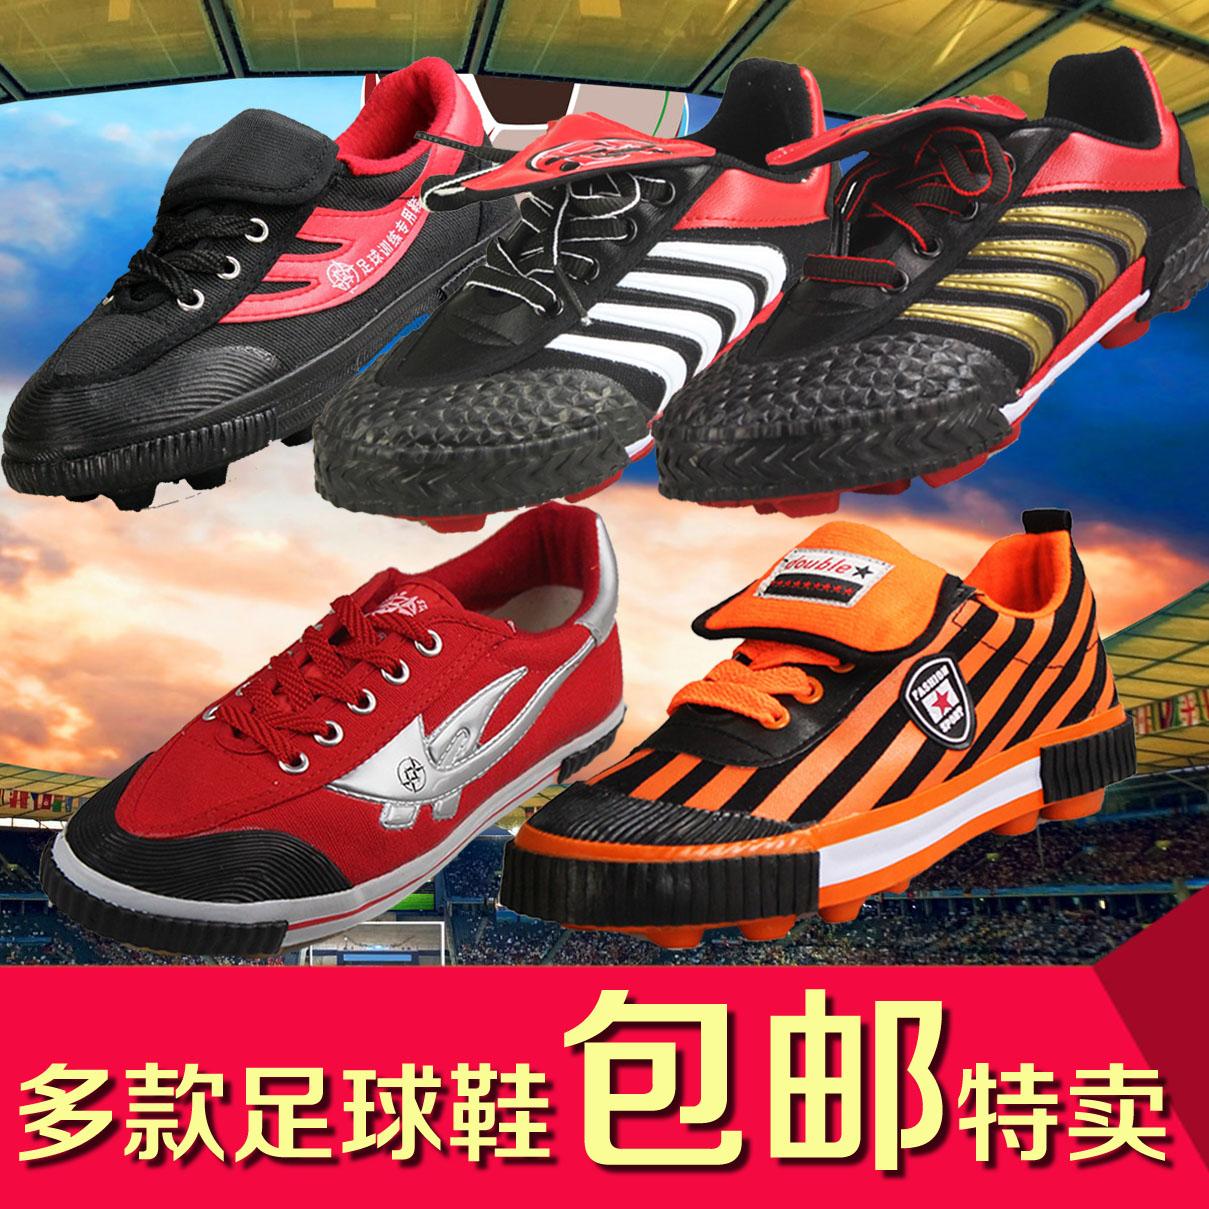 双星足球鞋学生足球训练鞋男女鞋儿童足球鞋男童碎丁透气 父子款